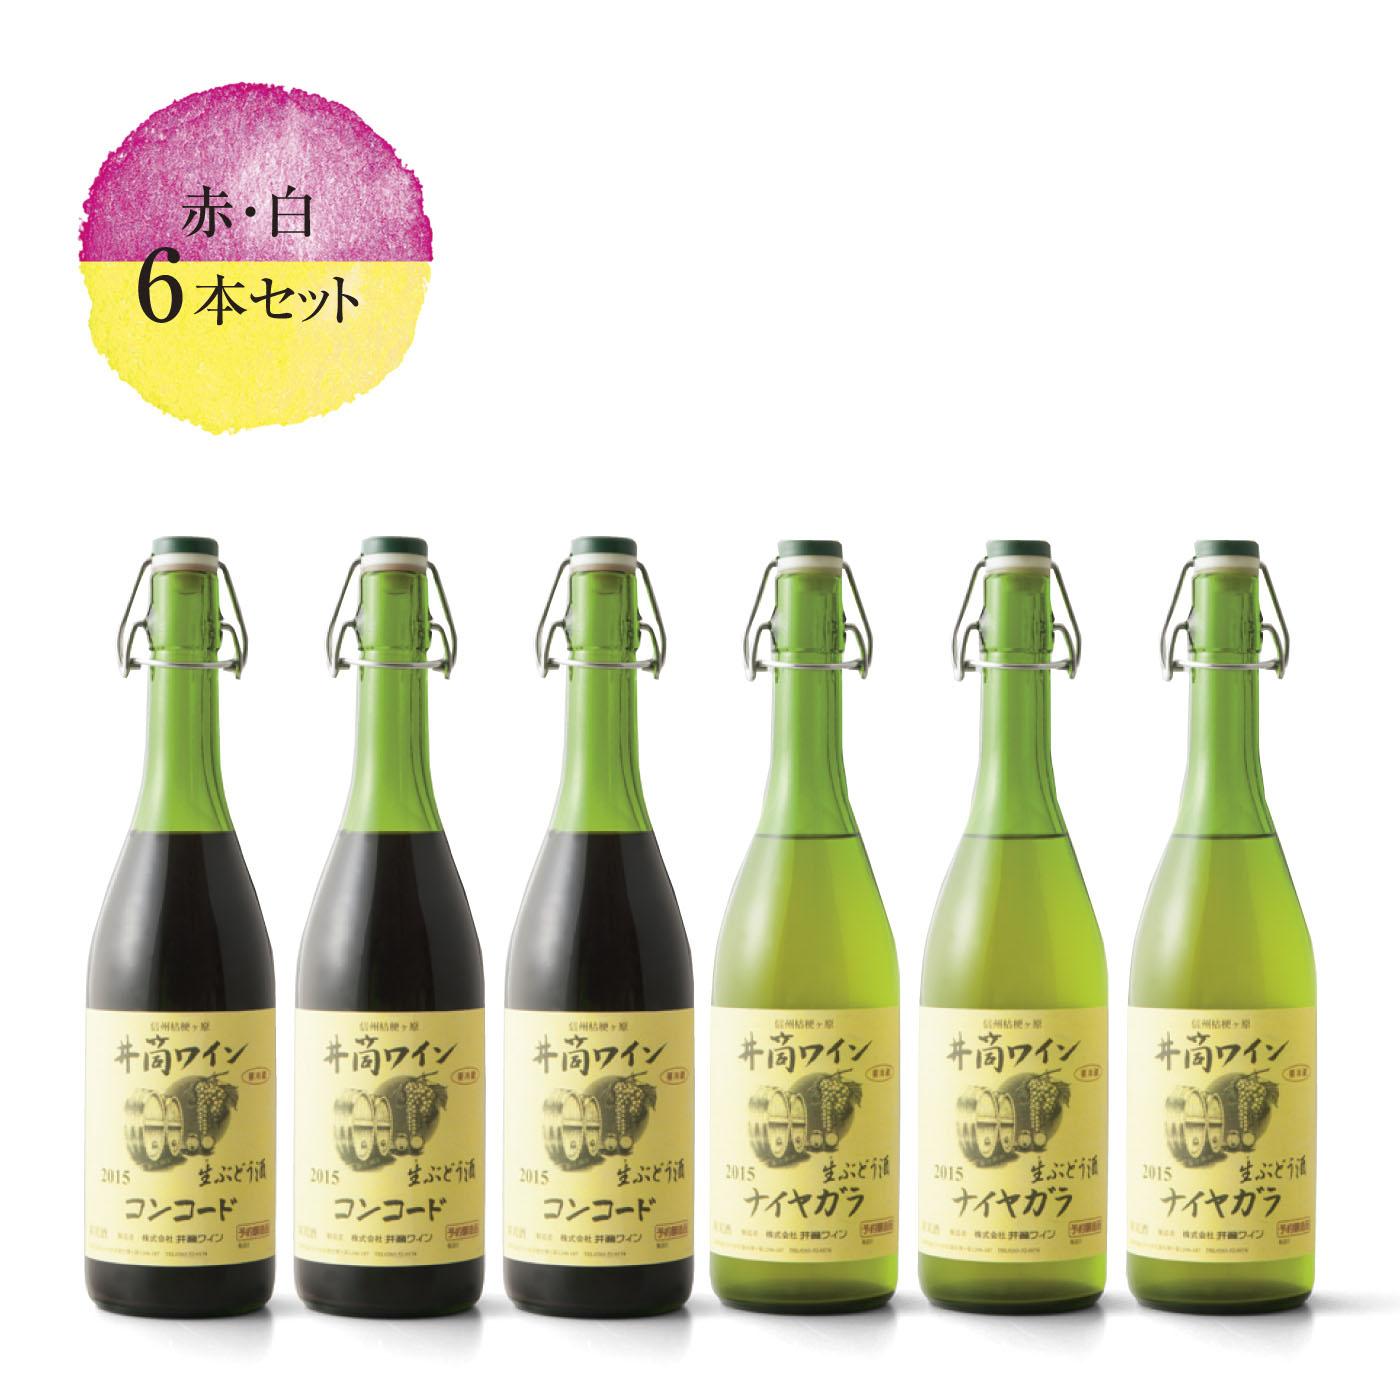 井筒生にごりワイン6本(赤・白各3本)セット